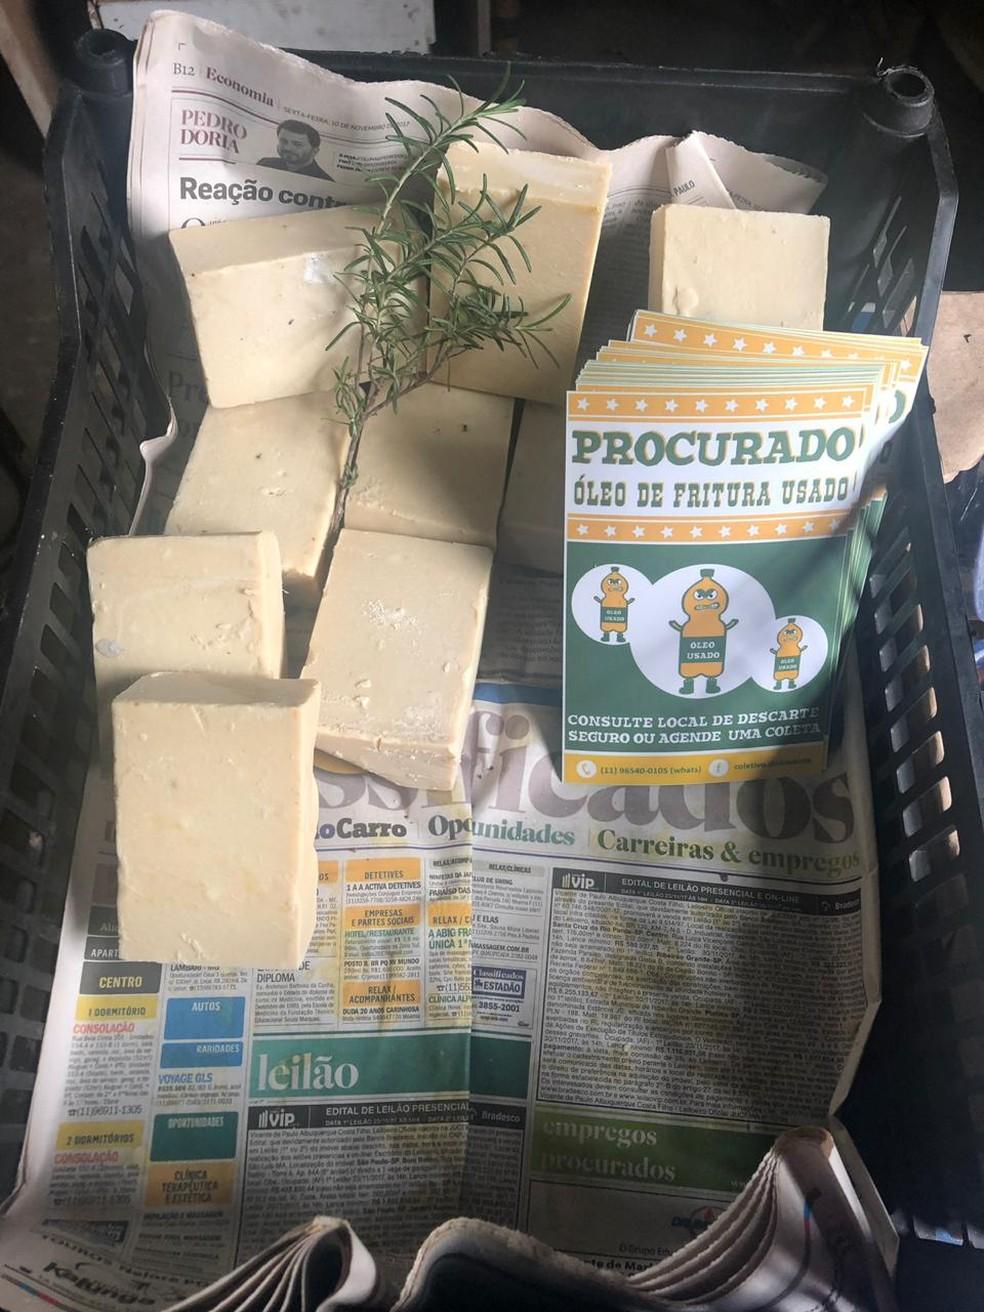 Sabão produzido pelo coletivo DedoVerde com o óleo de fritura usado.  — Foto: Beatriz Magalhães/G1